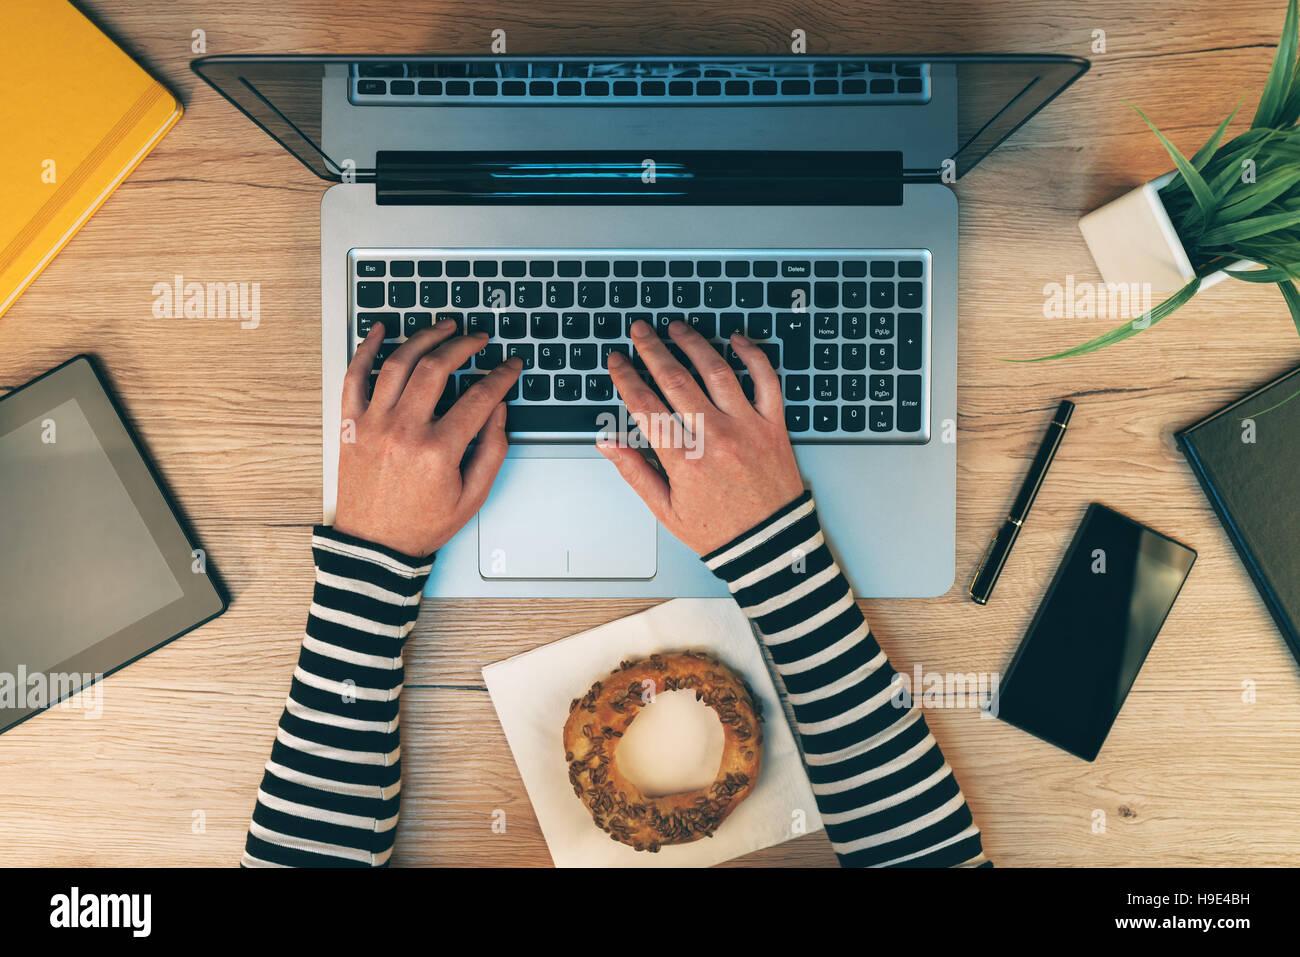 Ufficio quotidiana vita, mani femminili lavorando sul computer portatile - vista superiore di imprenditrice tastiera Immagini Stock